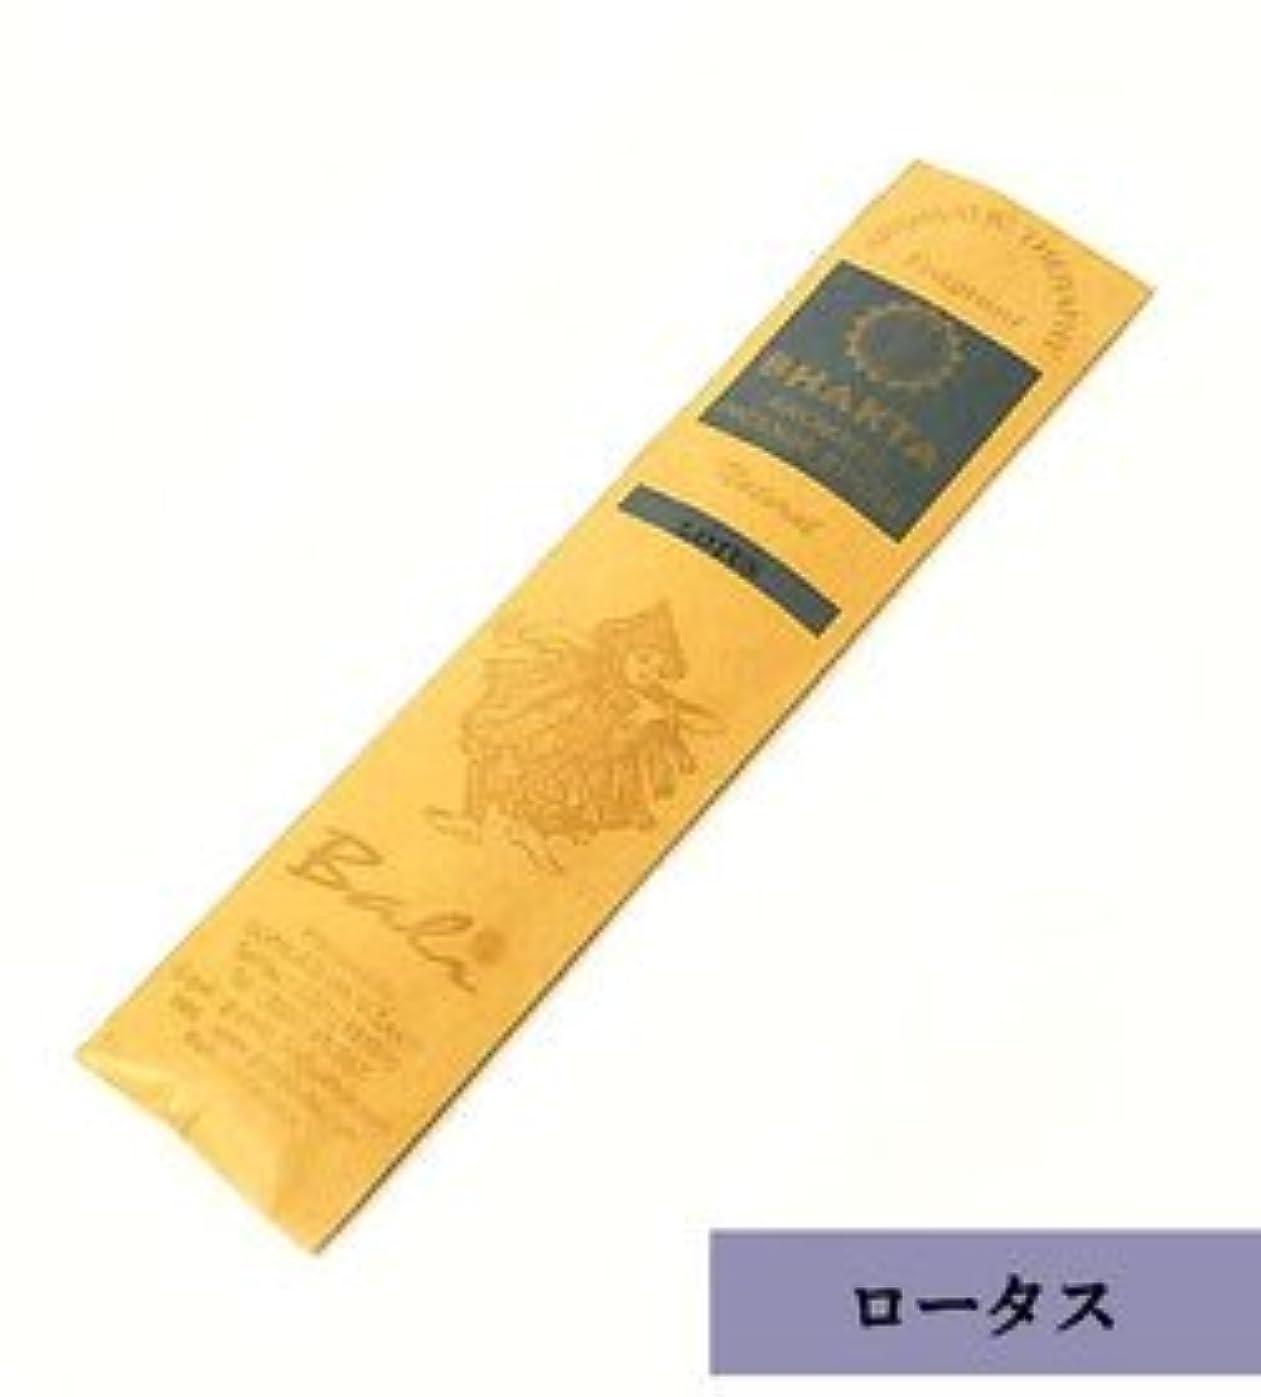 花束順応性高度バリのお香 BHAKTA 【ロータス】 LOTUS ロングスティック 20本入り アジアン雑貨